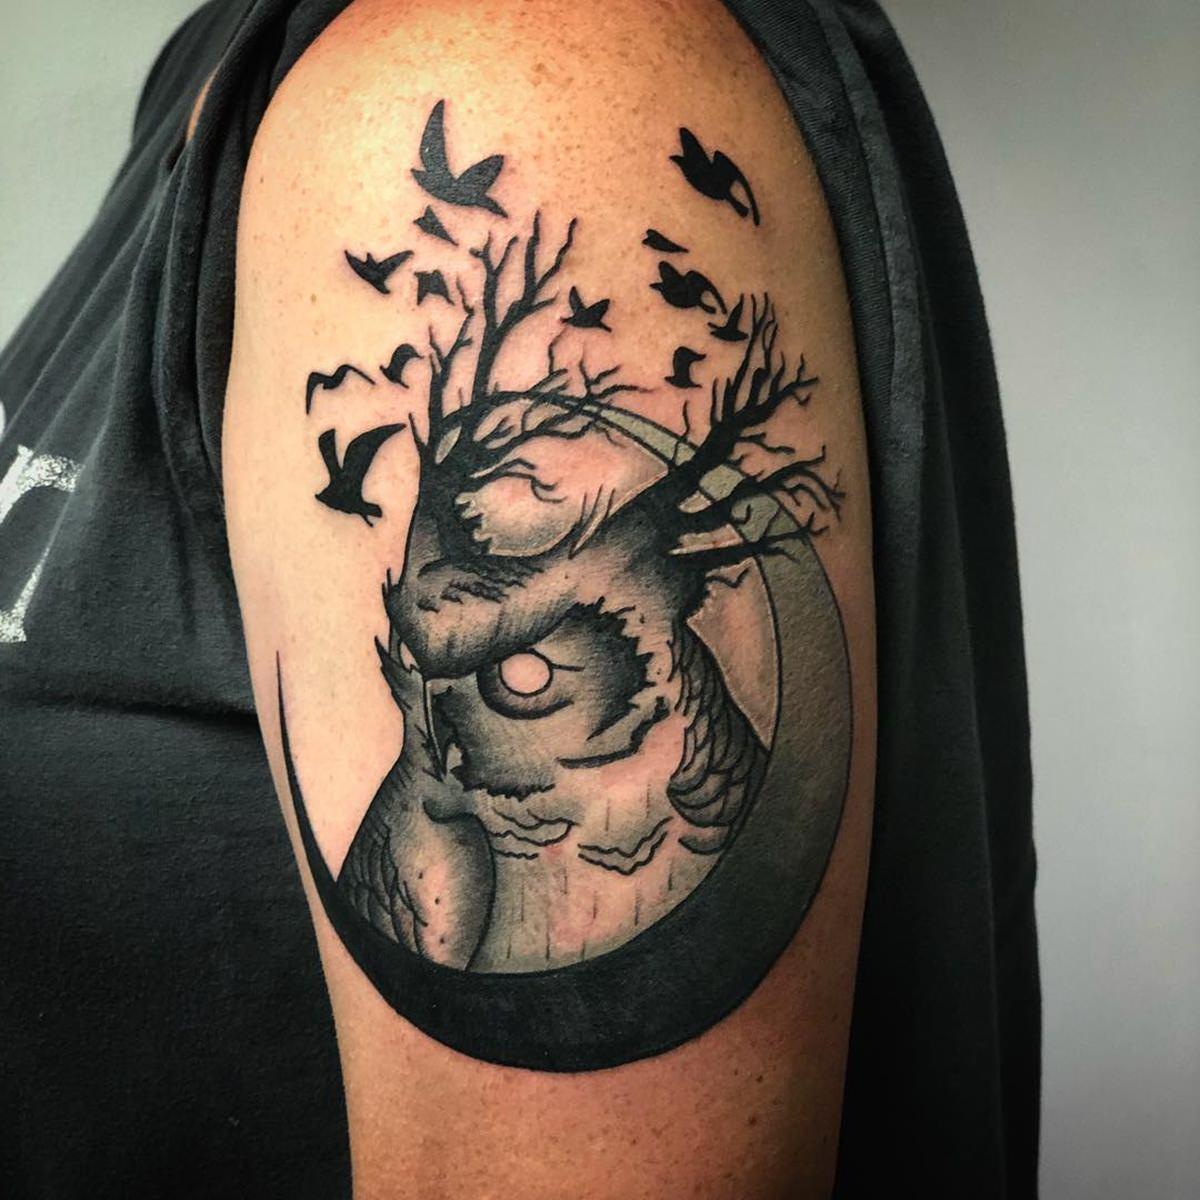 Tatuagem feminina de uma coruja noturna mostrando sua ligação com a natureza